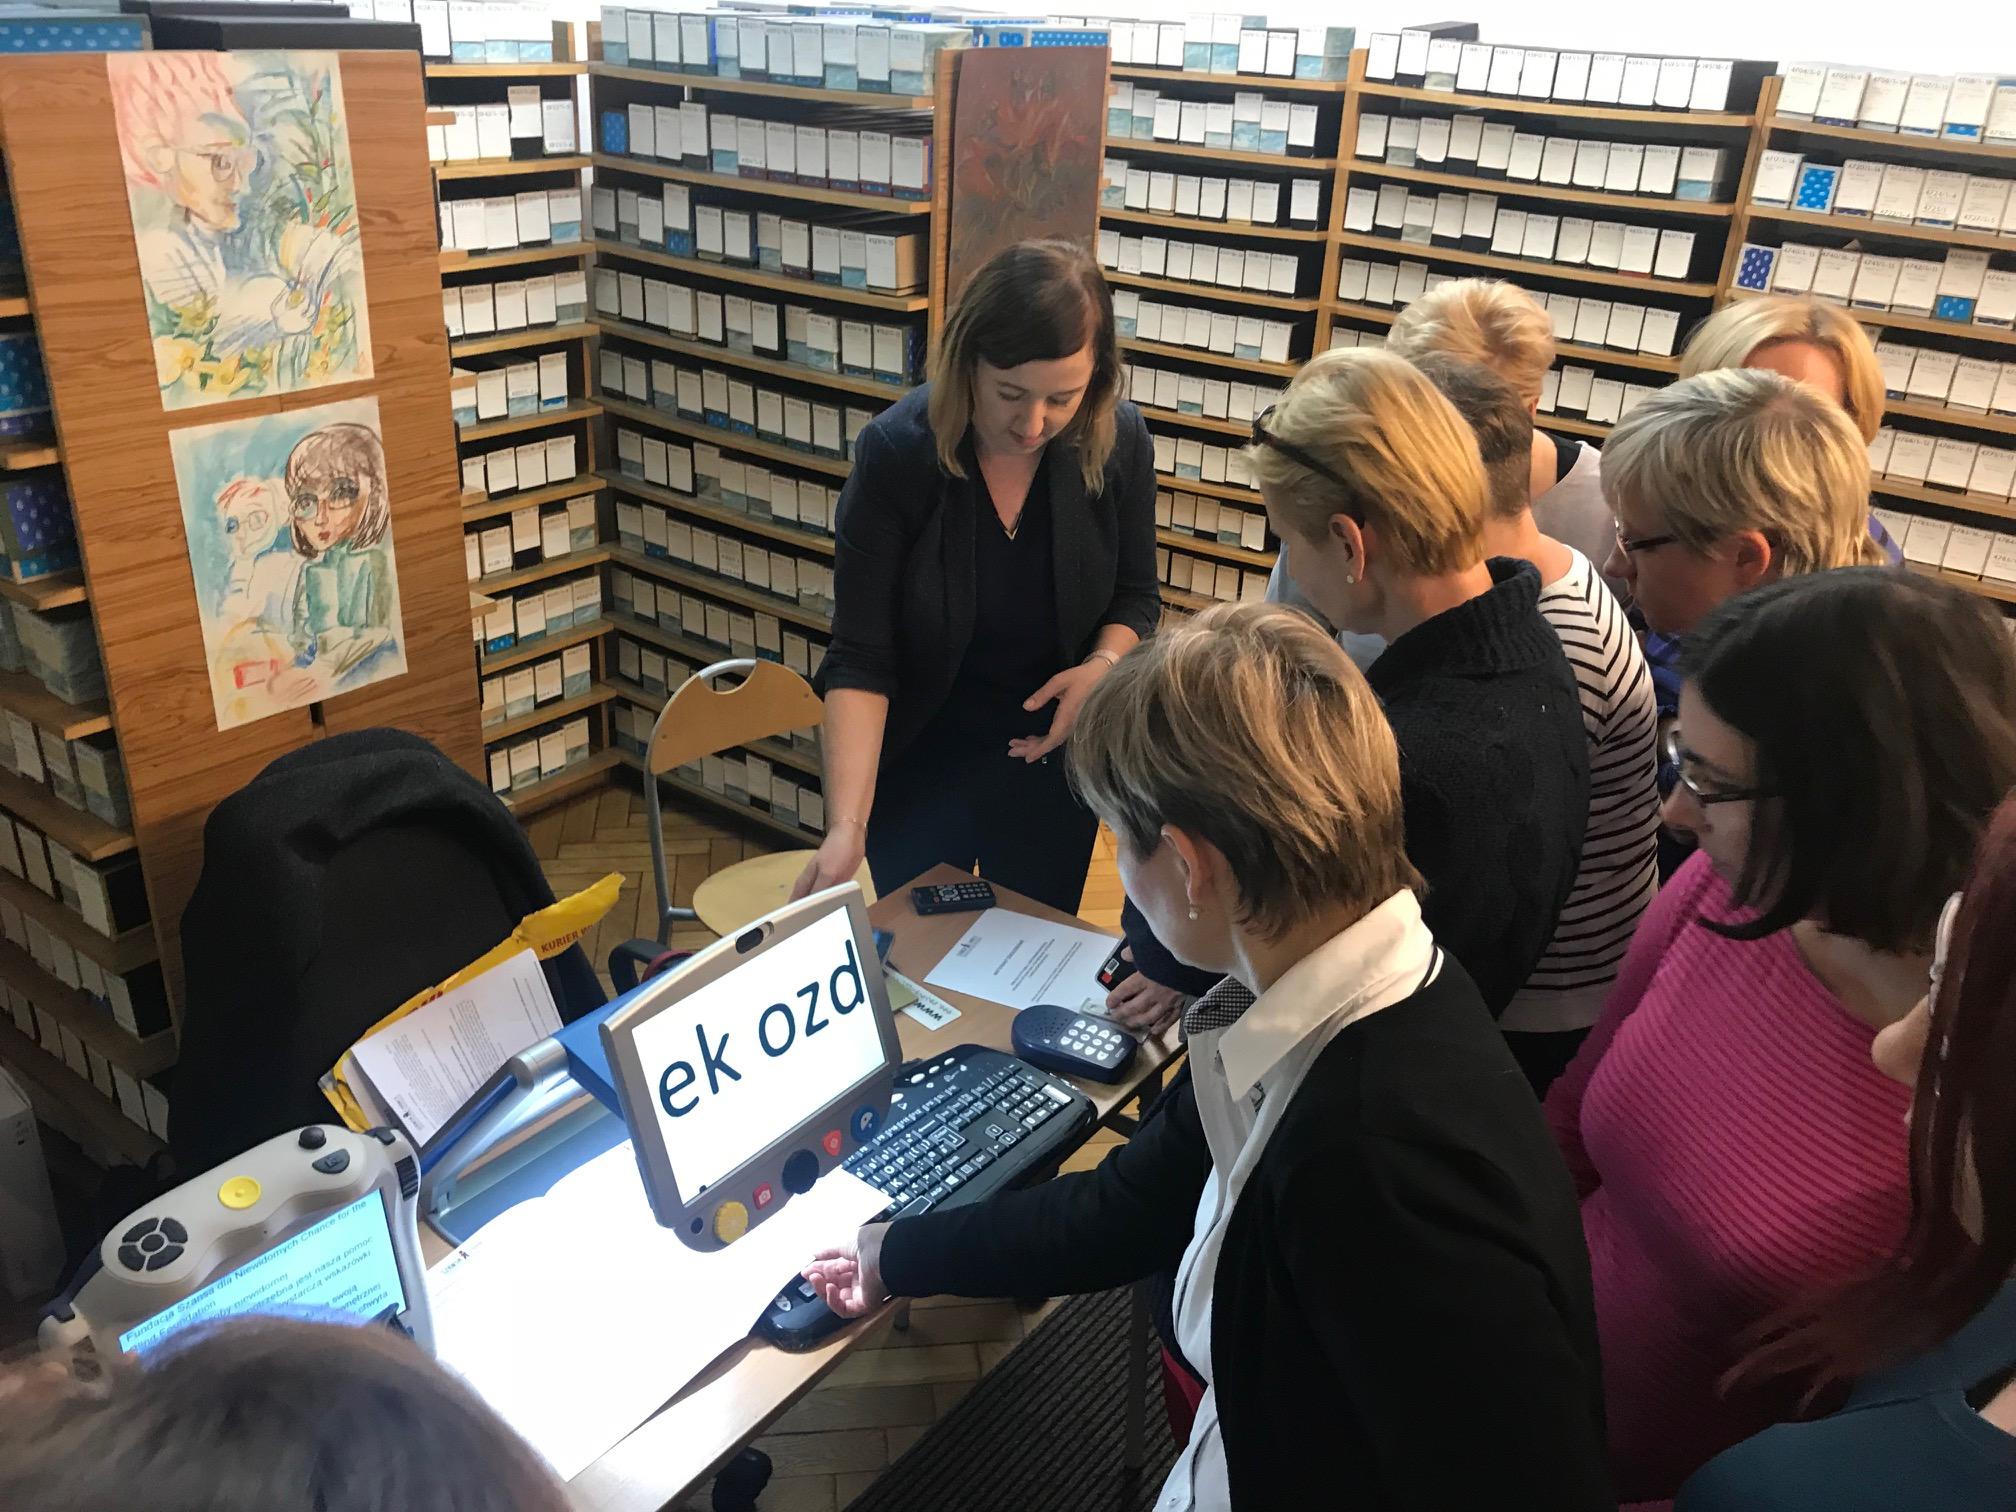 w bibliotece - uczestnicy sprawdzają działanie powiększalnika